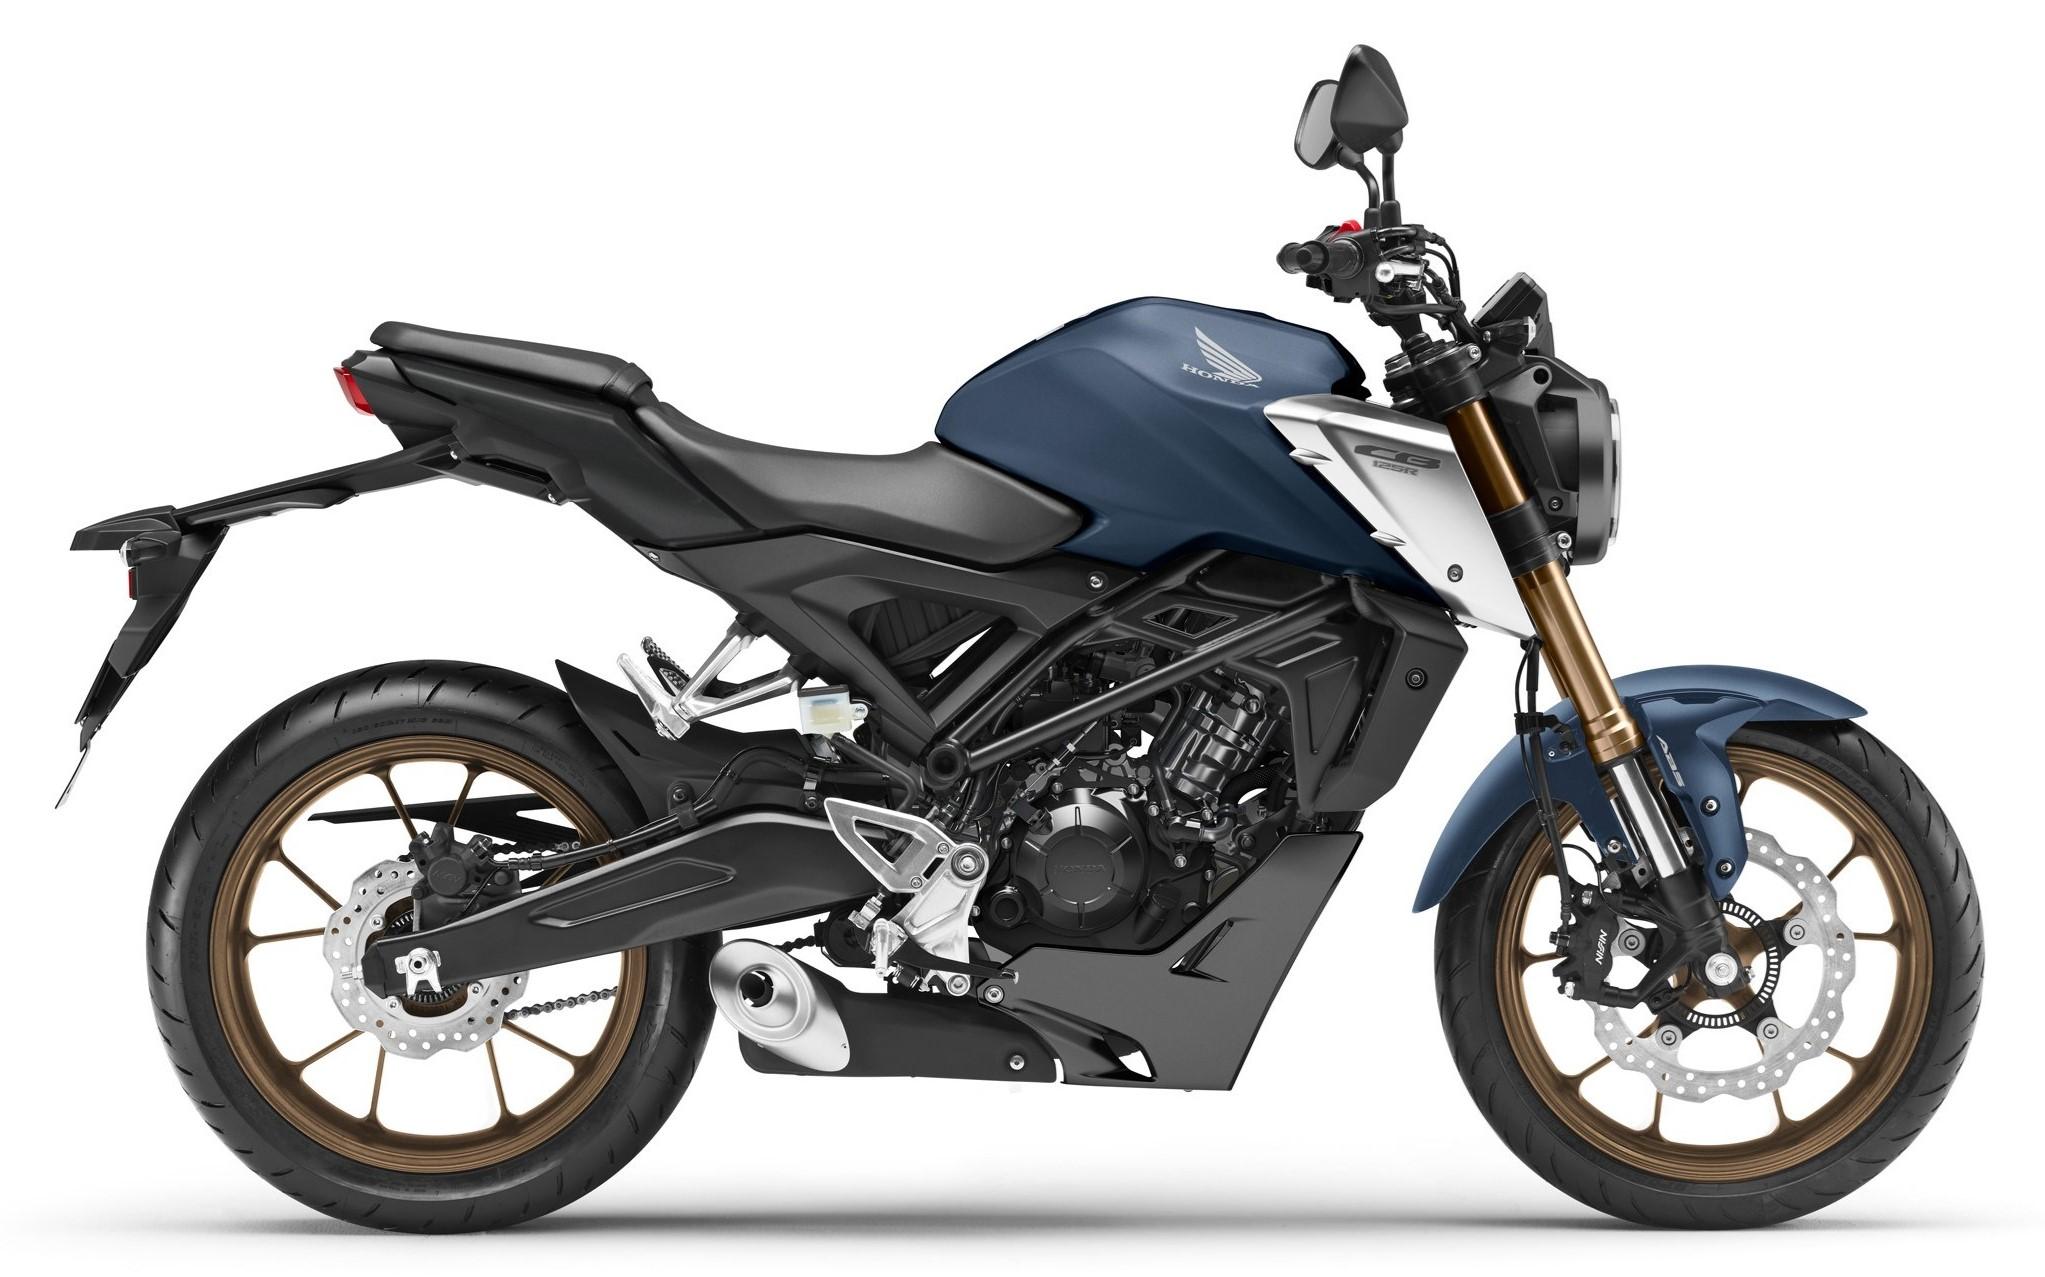 Kekurangan Honda Cb 125 R 2019 Top Model Tahun Ini